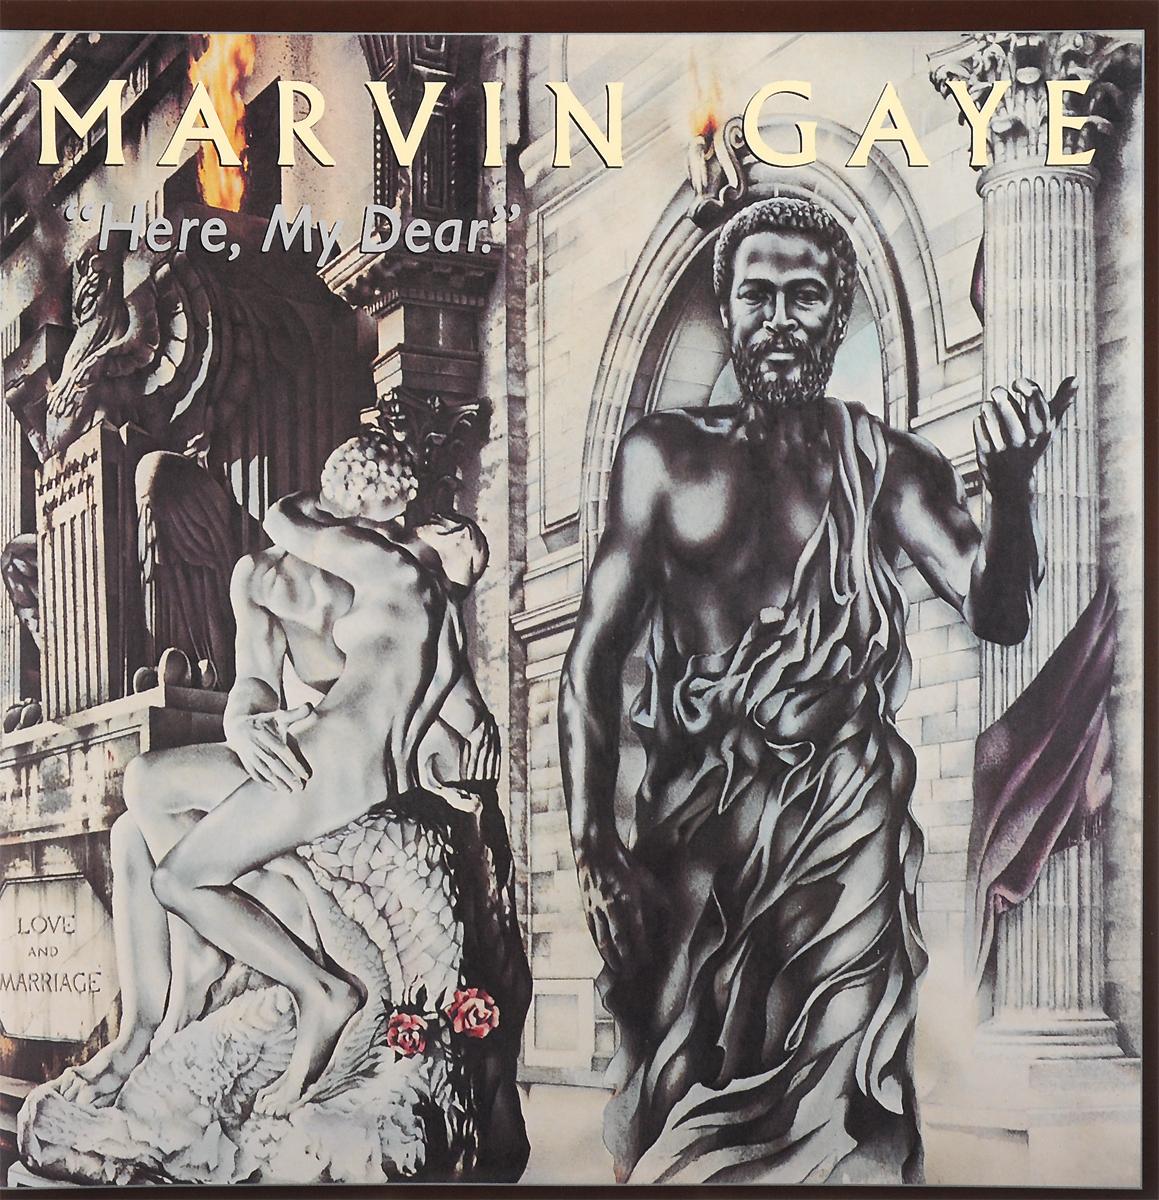 Марвин Гэй Marvin Gaye. Here, My Dear (2 LP) бюстгальтер 3 4 350pcs 1345usd dear aren